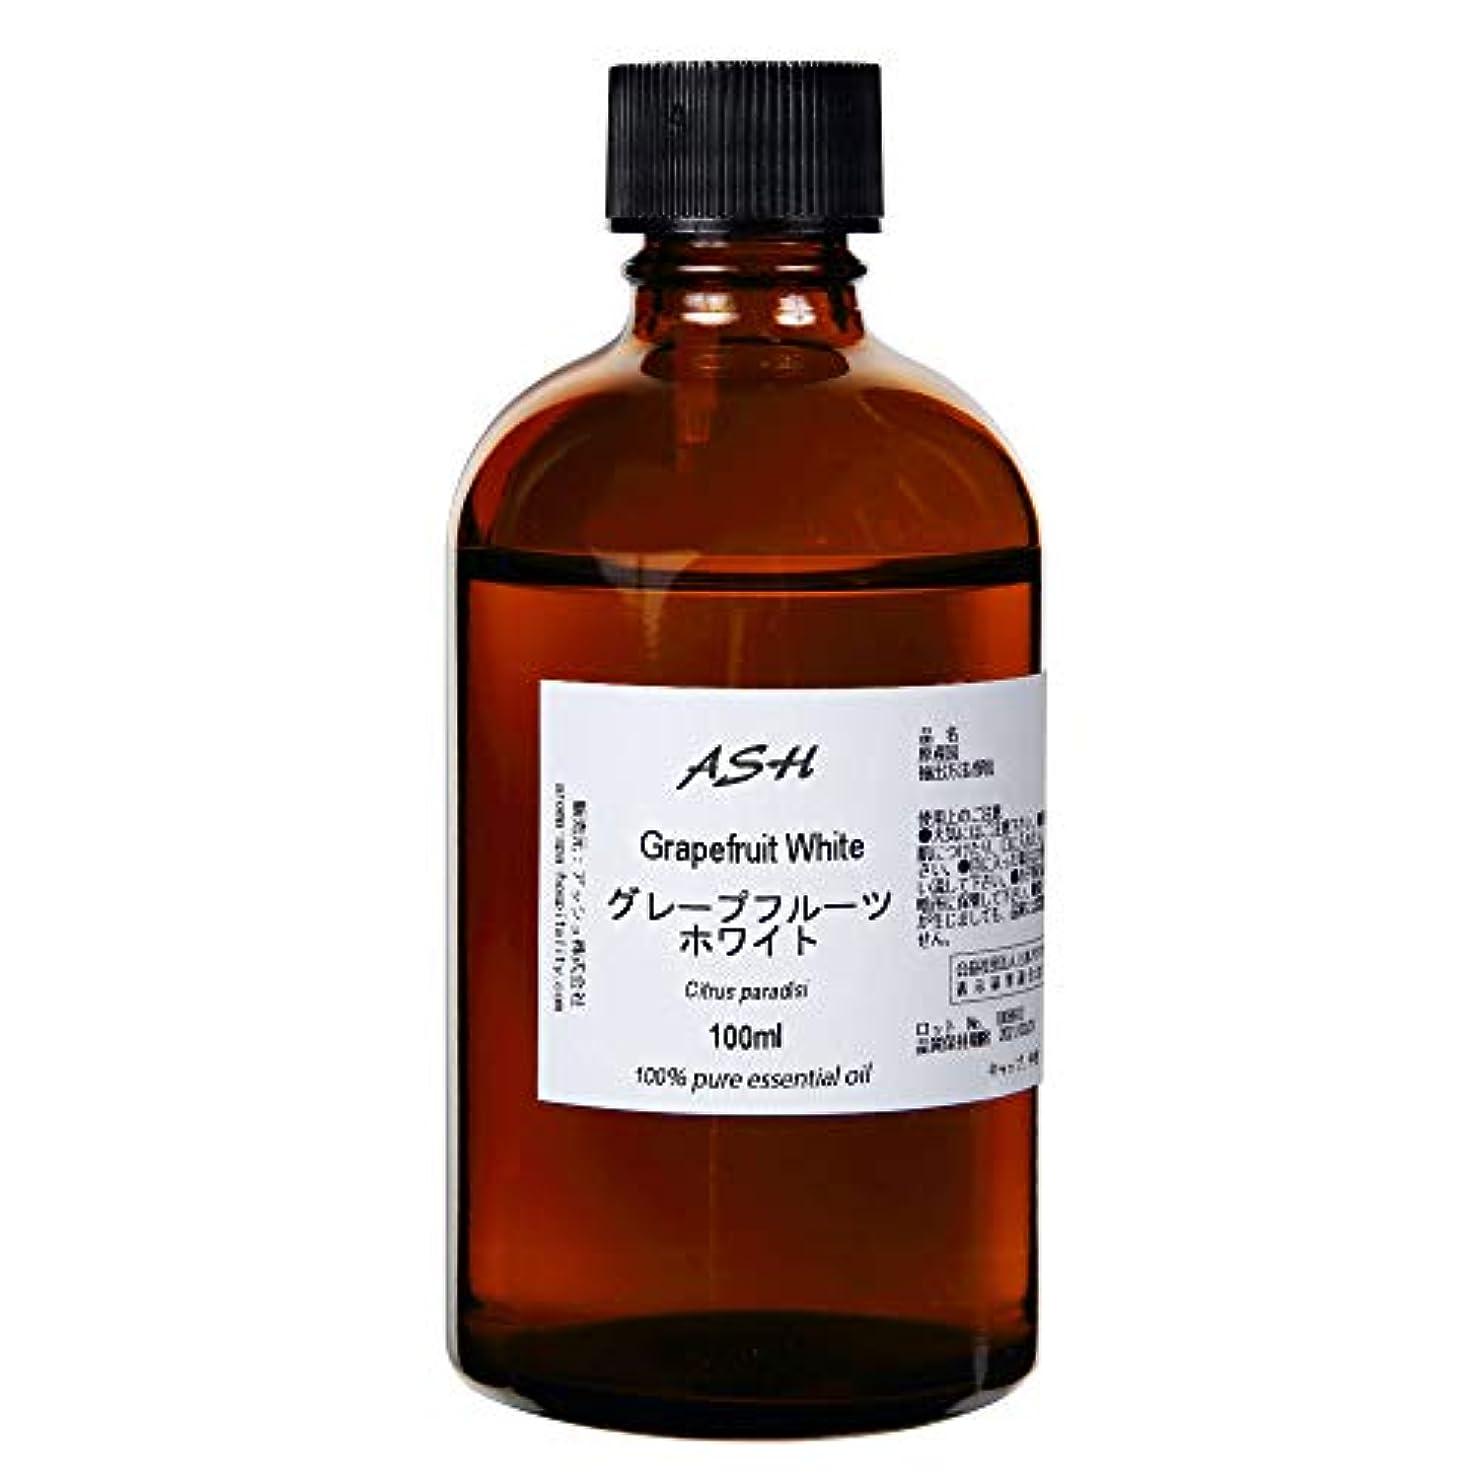 潜水艦アラート土曜日ASH グレープフルーツホワイト エッセンシャルオイル 100ml AEAJ表示基準適合認定精油